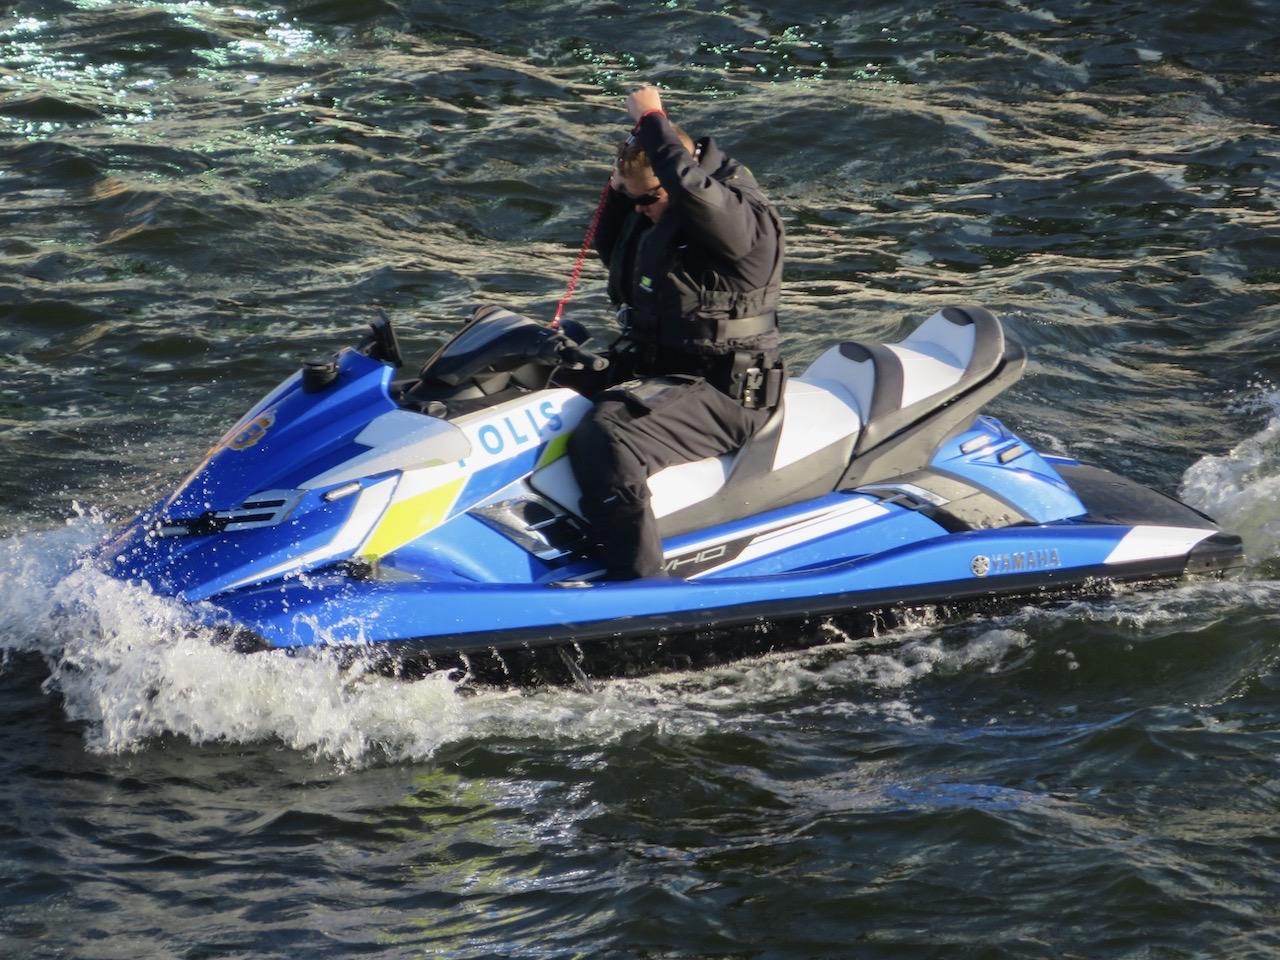 Stockholm är en stad omviven av vatten så för polisenes del är en vattenskoter prefekt öfr att snabbt ta sig fram.